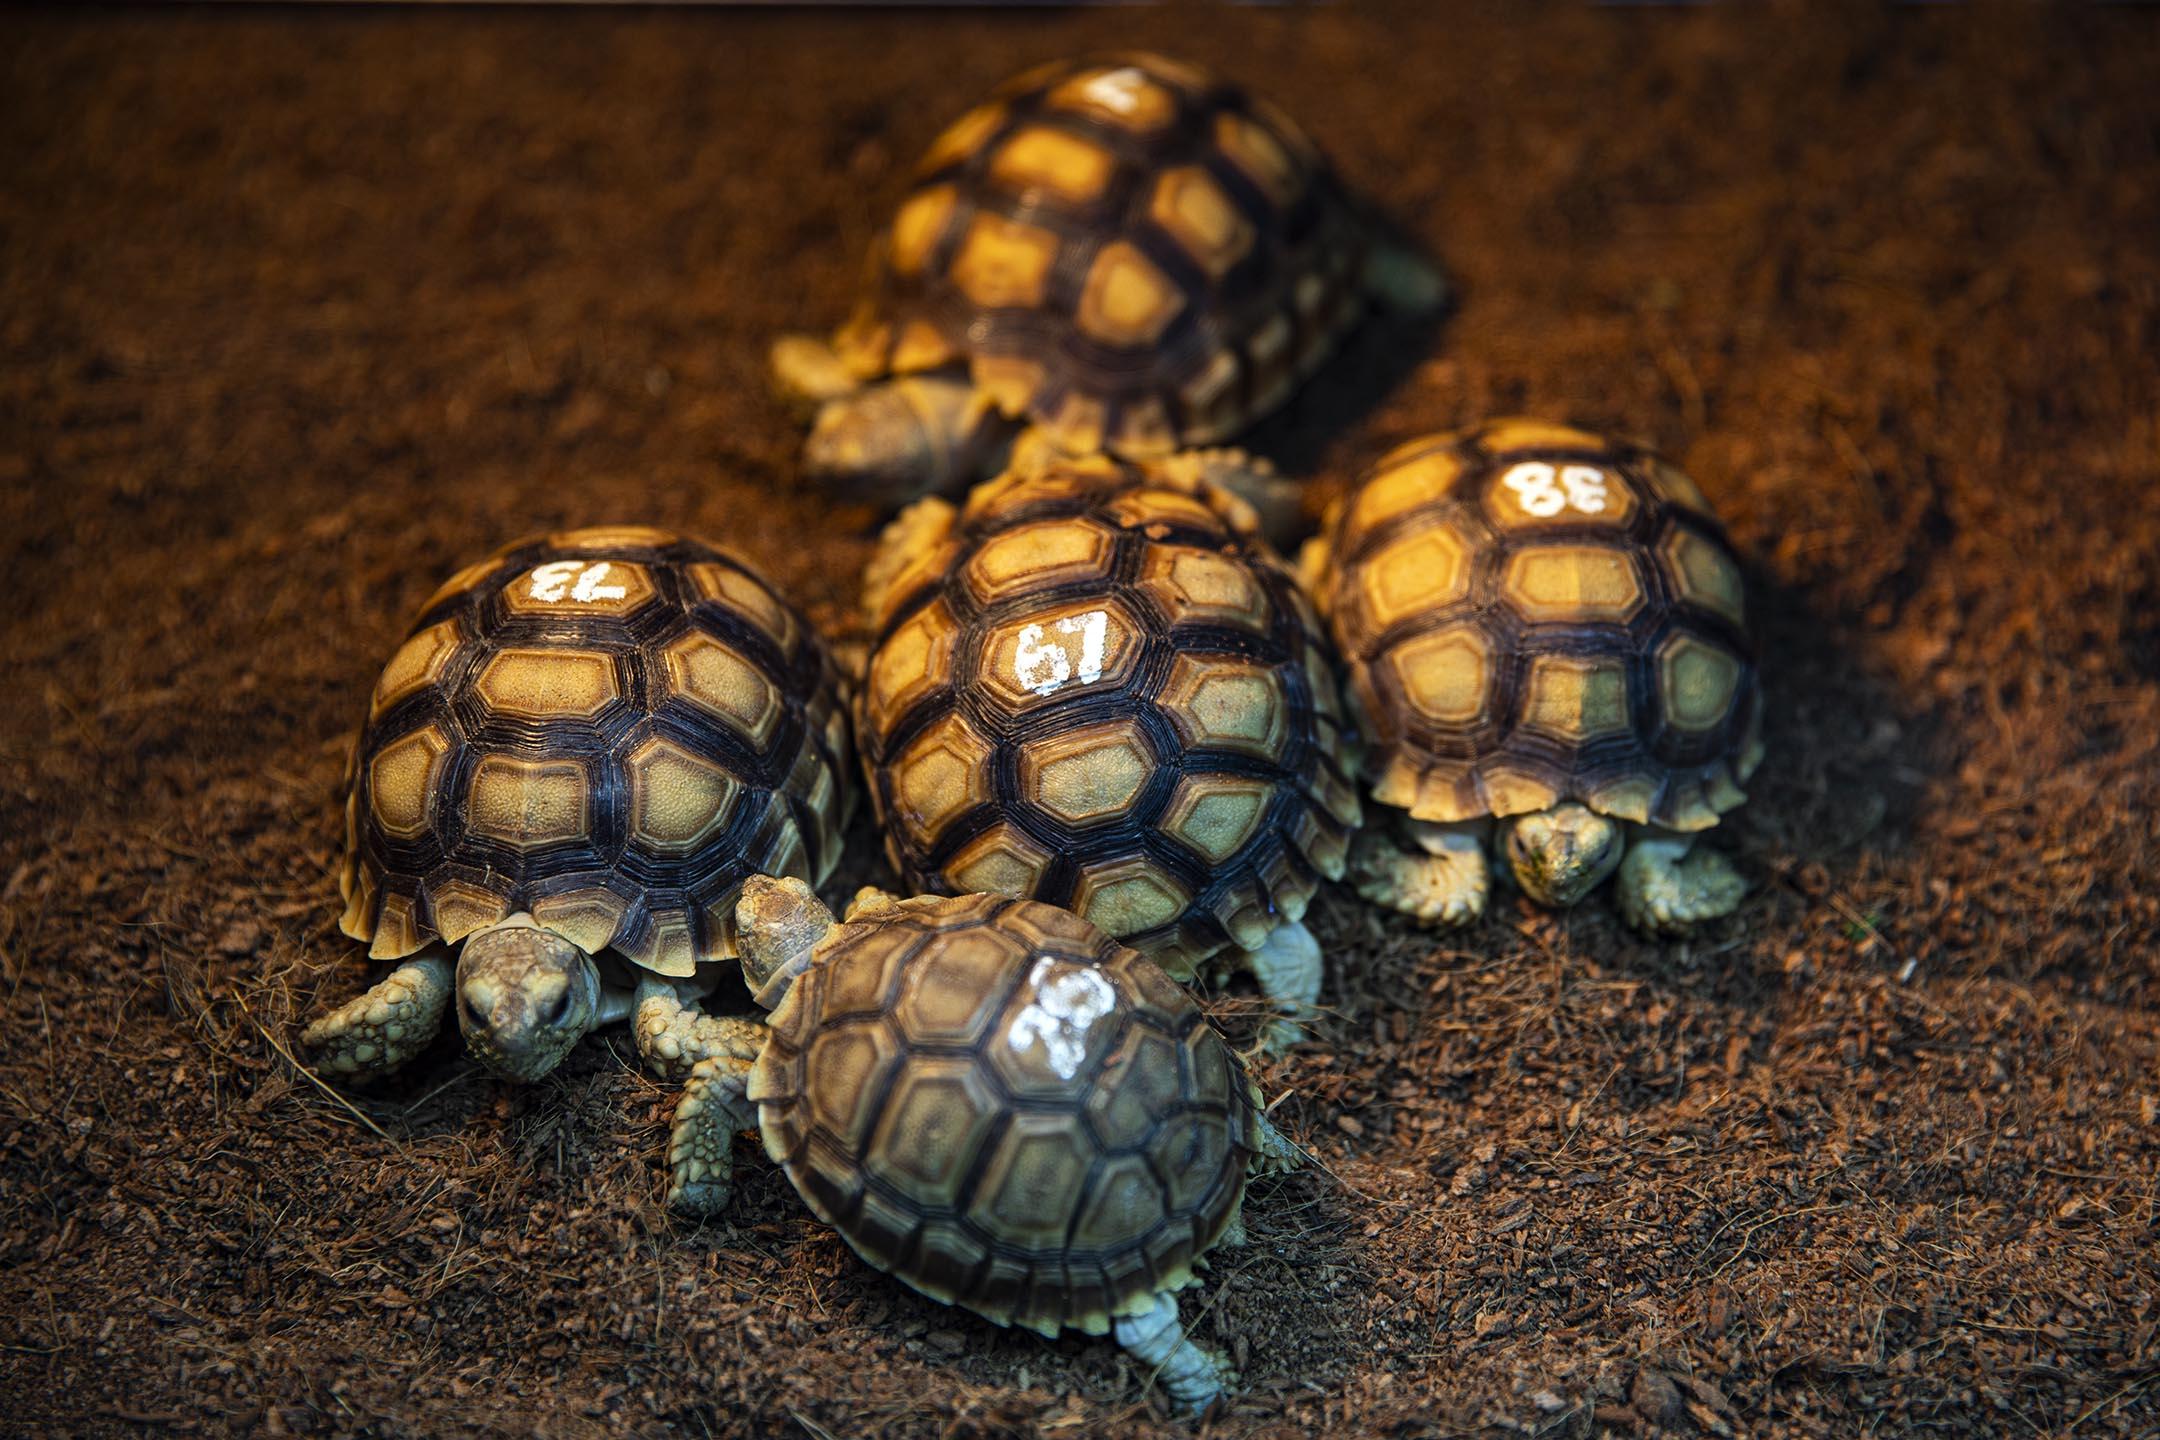 香港兩棲及爬蟲協會內被遺棄的龜。